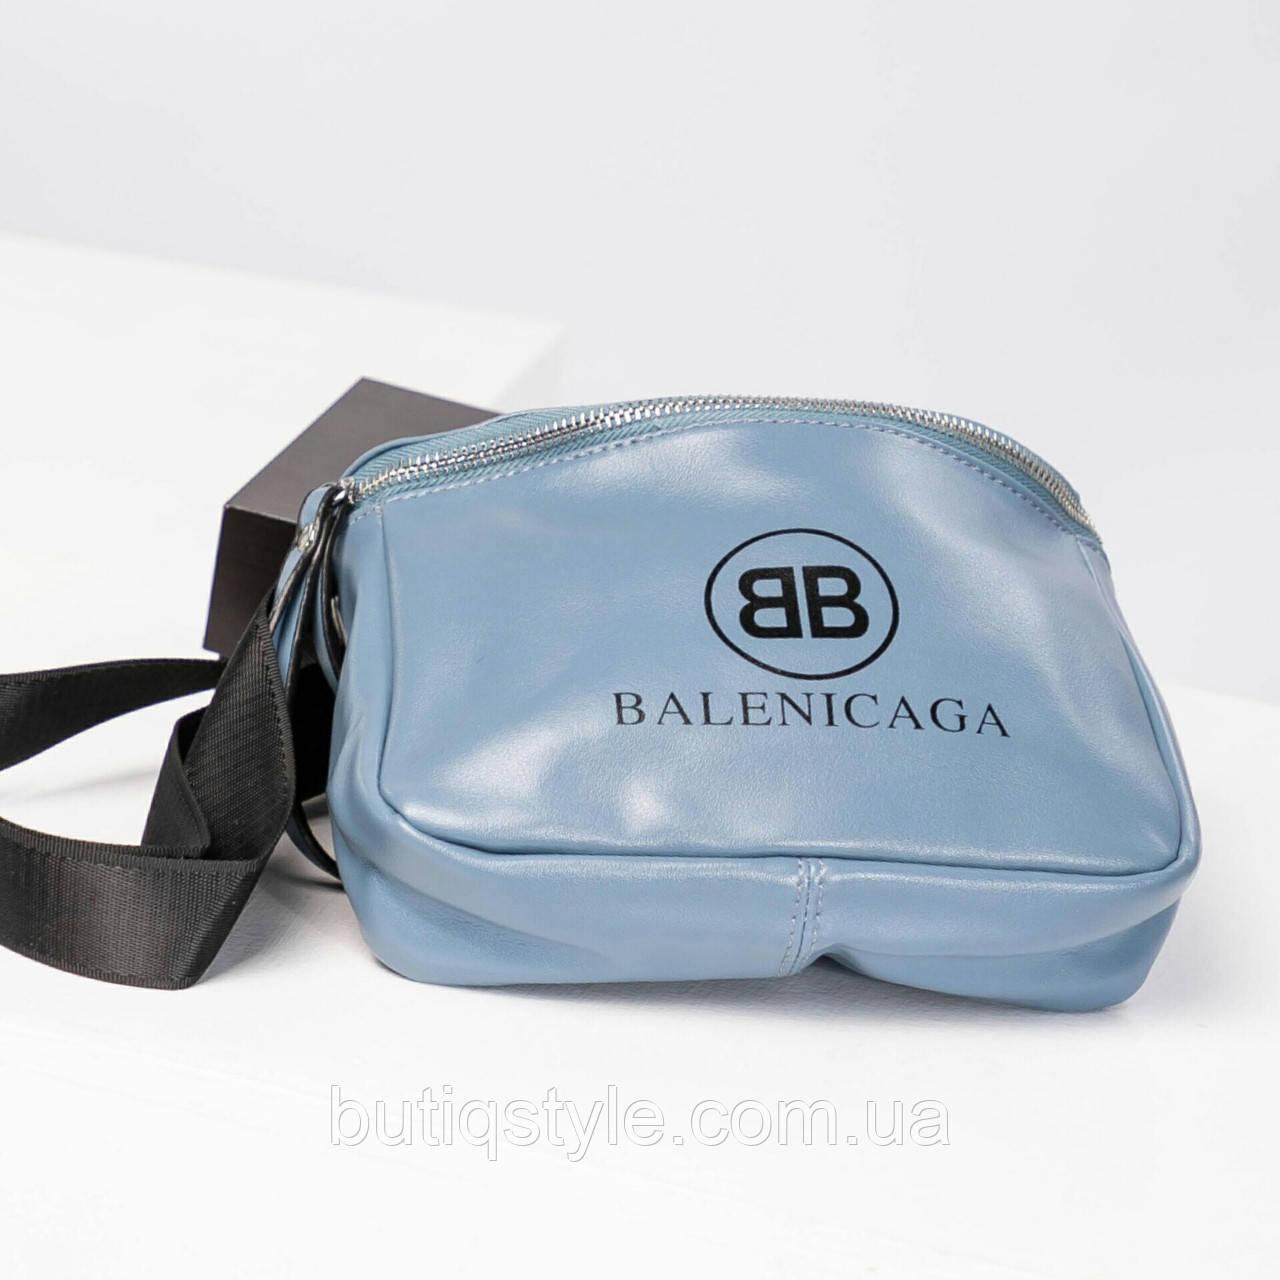 Жіноча блакитна сумка Balenci@g@ екошкіра